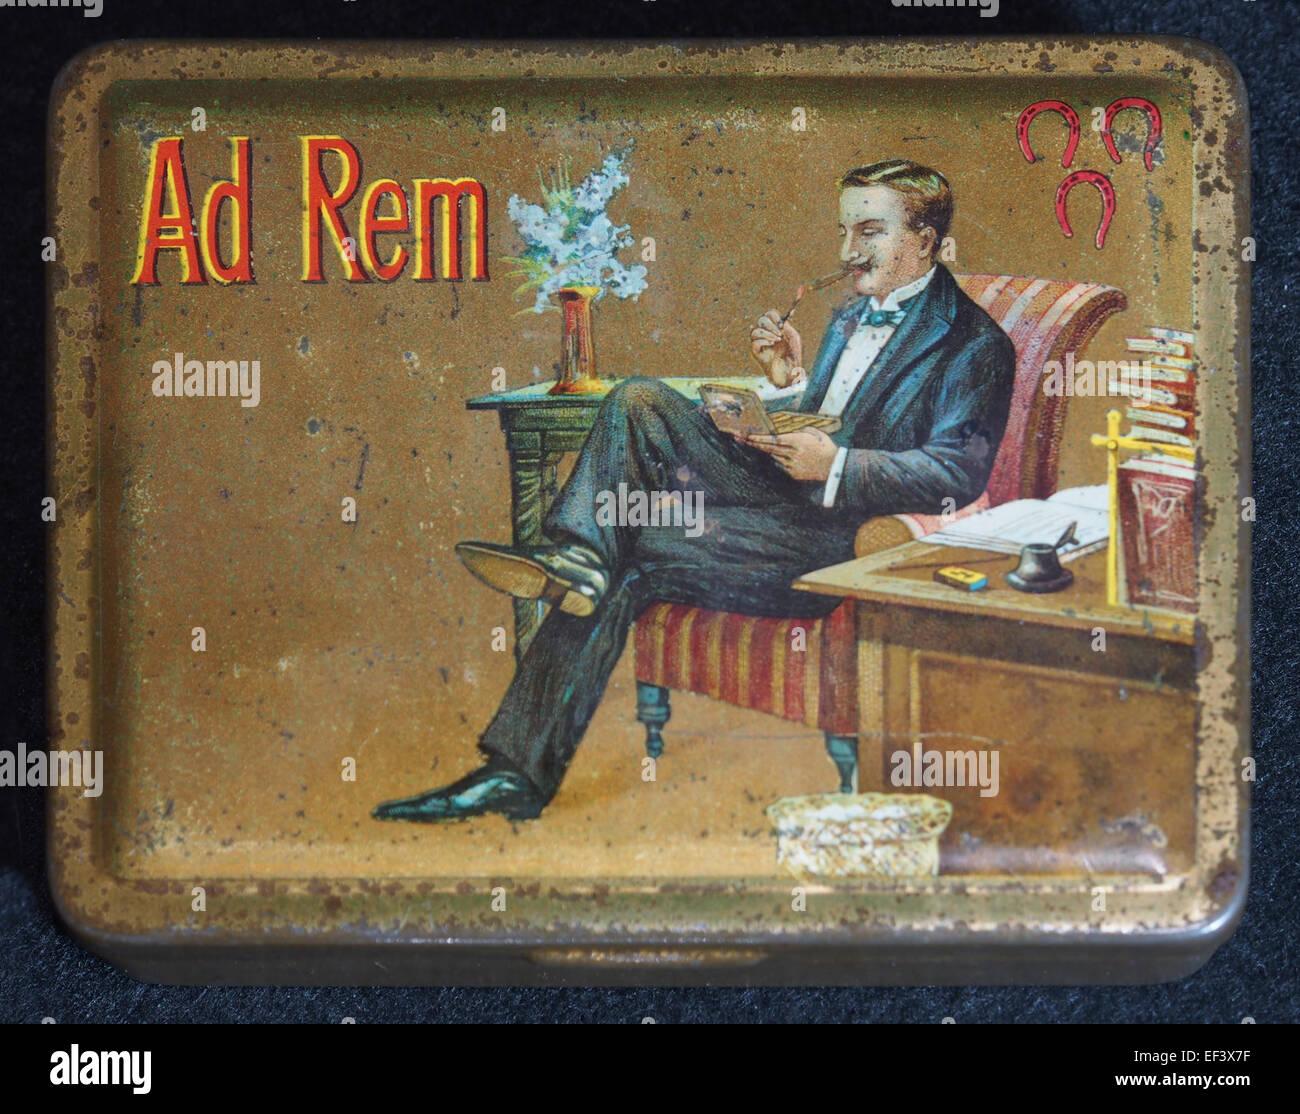 Ad Rem sigarenblikje, foto 1 - Stock Image